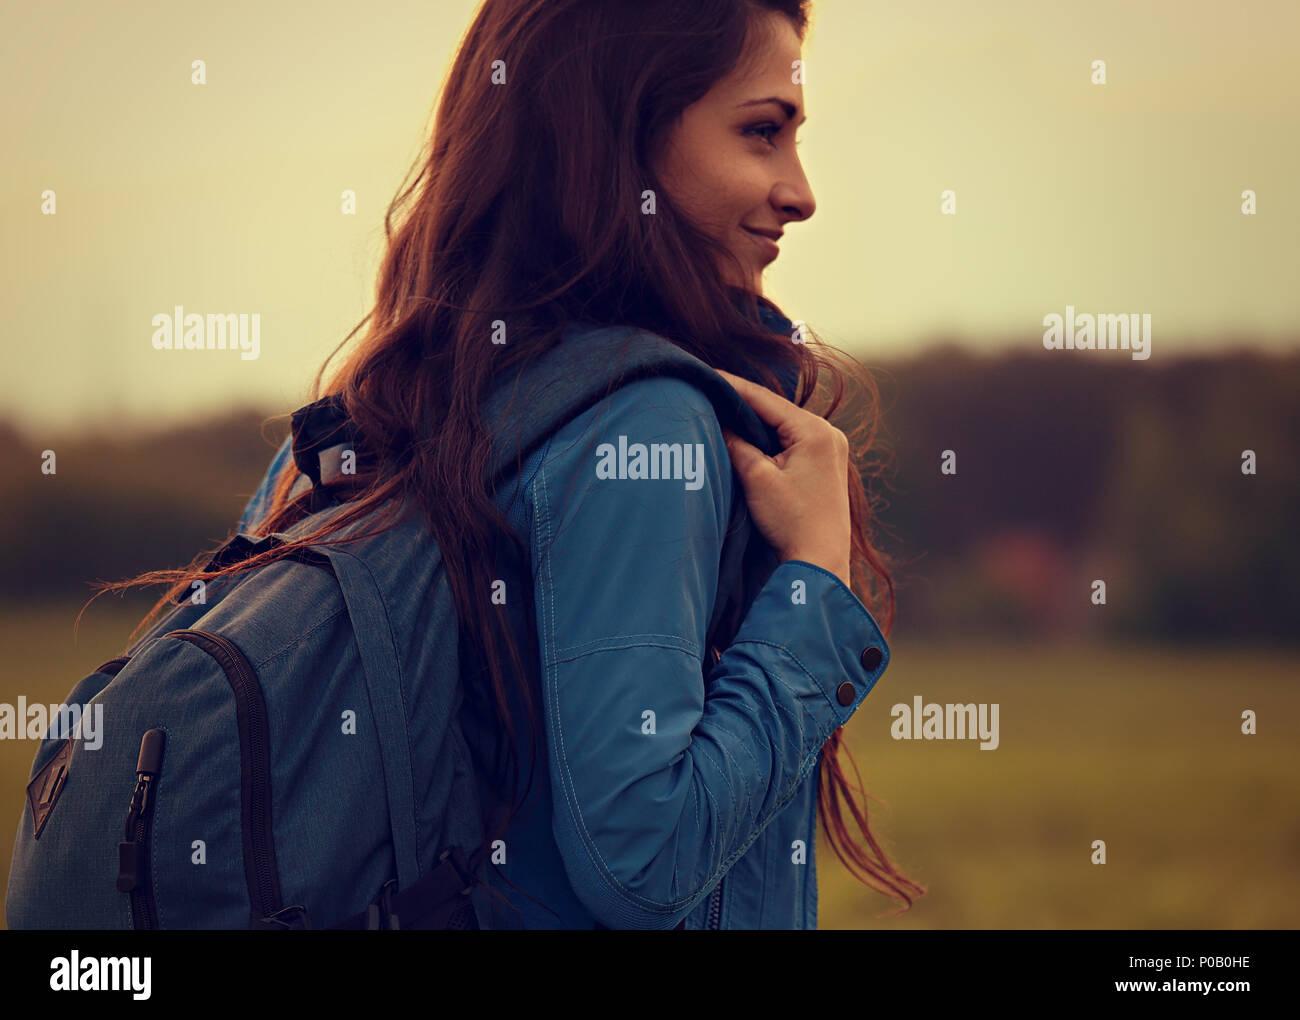 Feliz mochileros aventureros mujer tienen un camping con azul enorme gaita en la naturaleza atardecer de verano antecedentes closeup retrato vintage en tonos. Imagen De Stock